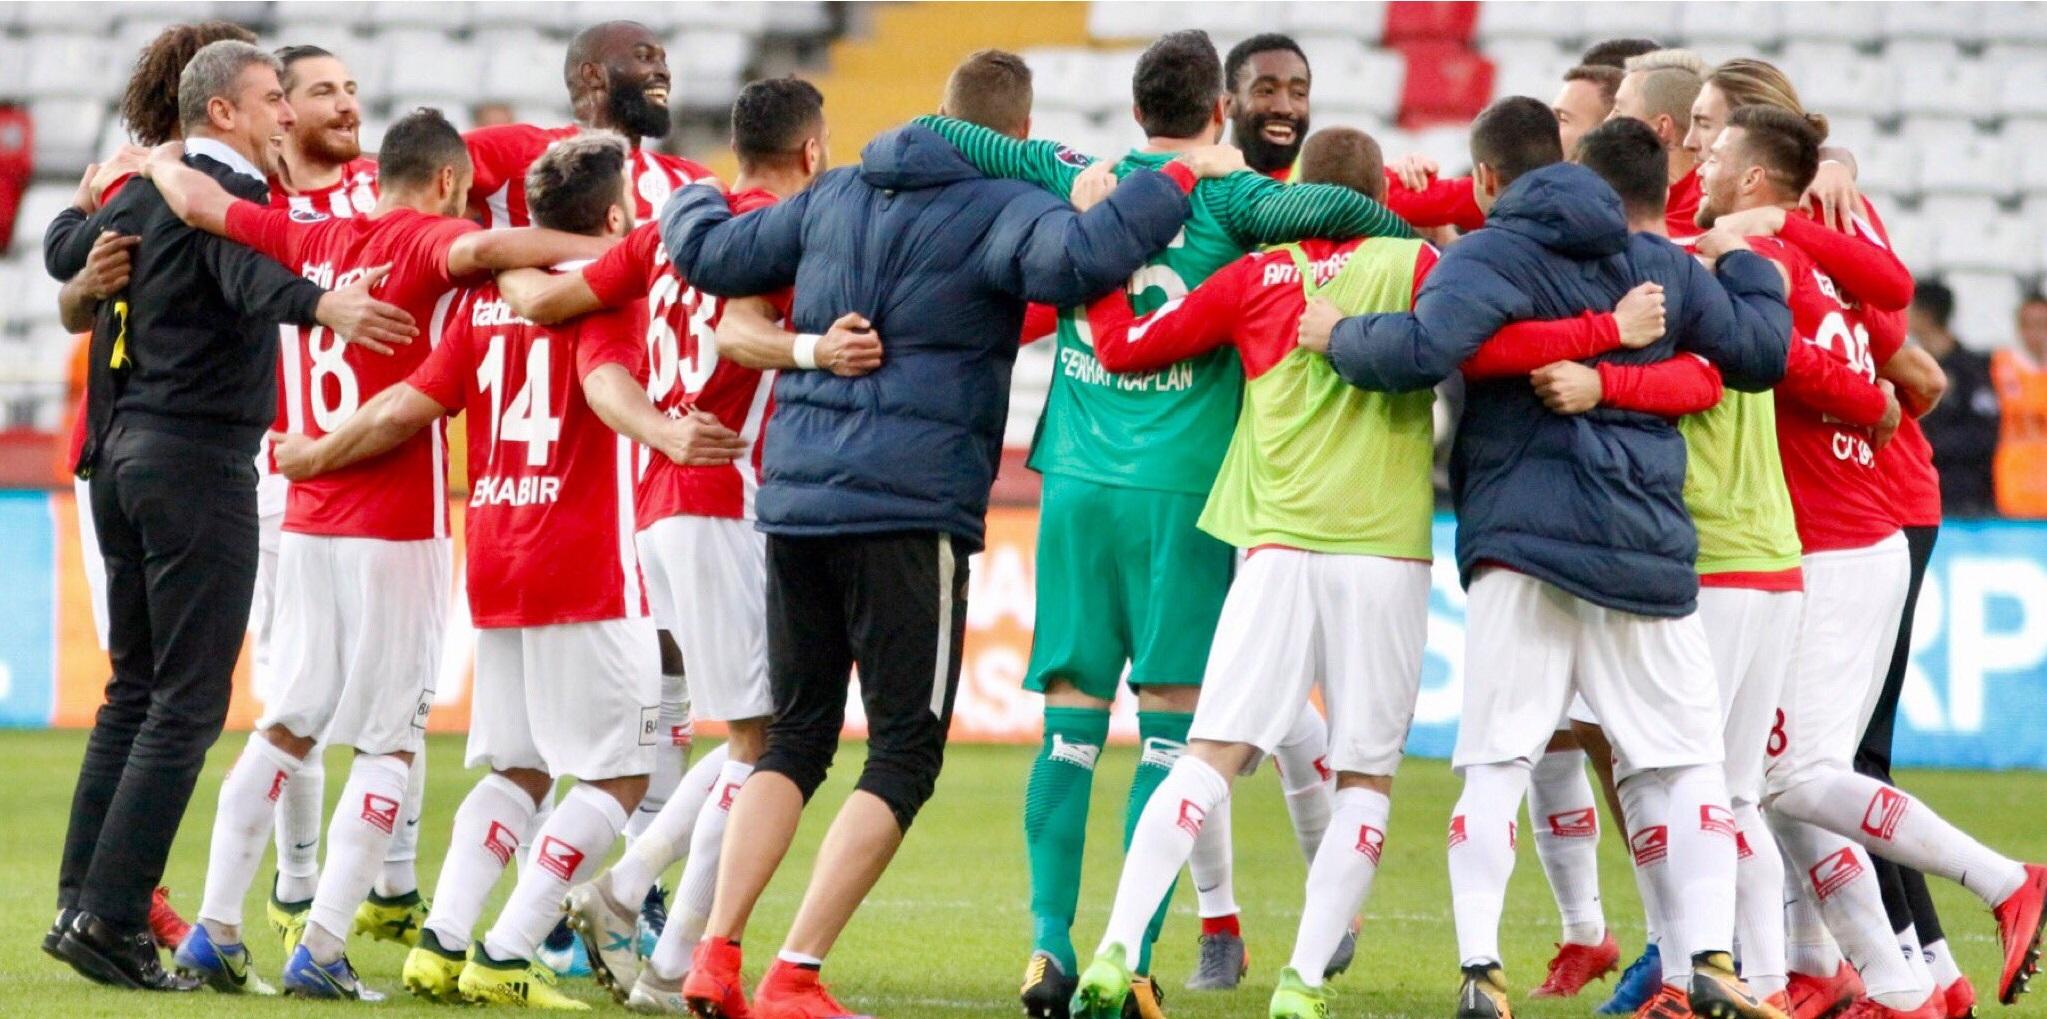 Antalyaspor Süper Lig'de Kalmayı Garantiledi